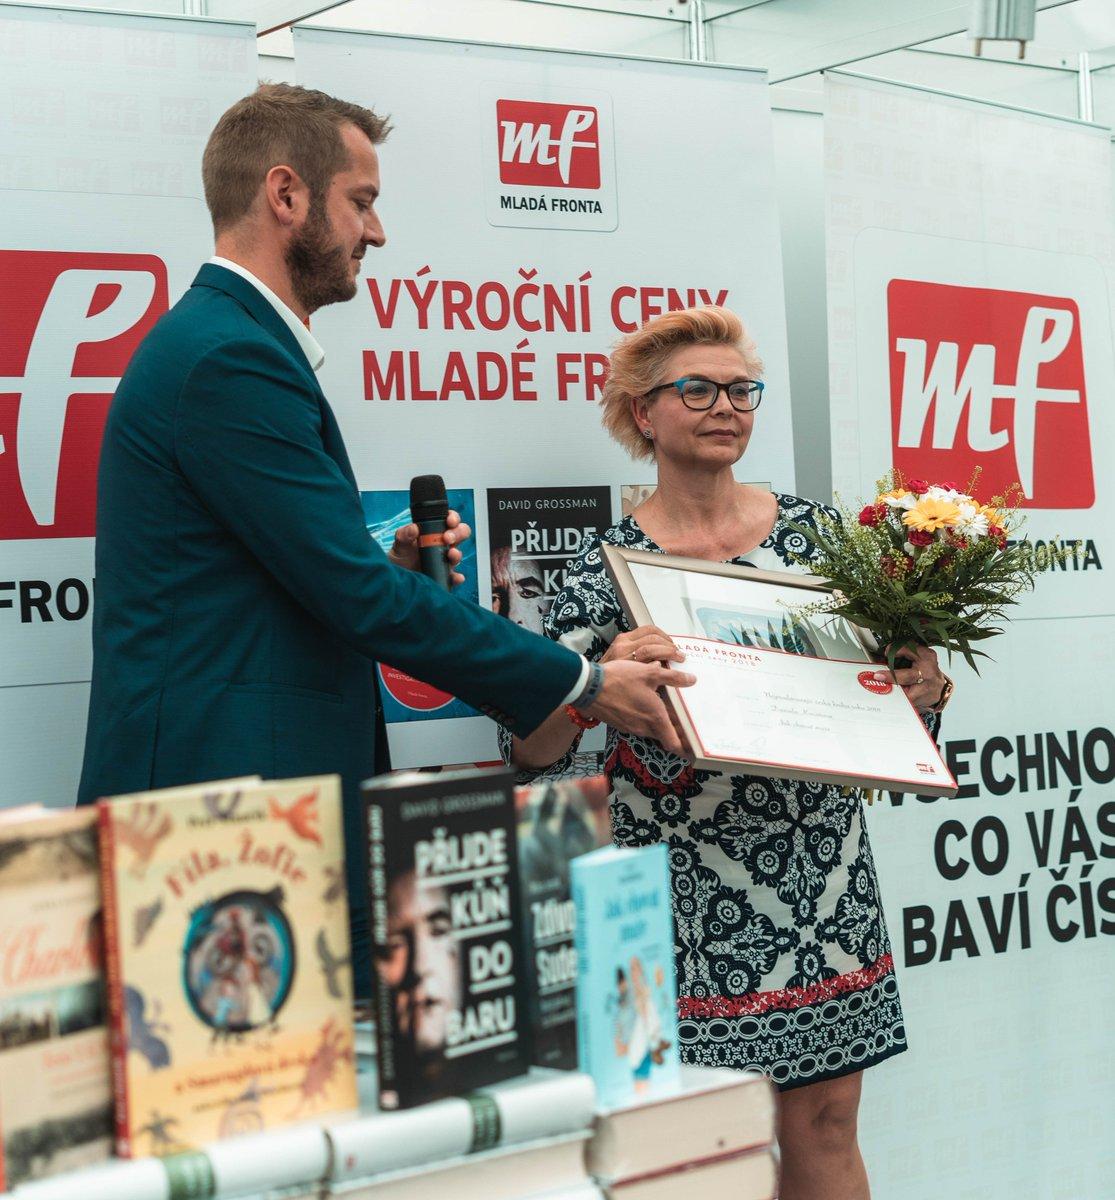 test Twitter Media - Autorkou nejprodávanější knihy roku 2018 je pražská advokátka JUDr. Daniela Kovářová. Cenu nakladatelství Mladá fronta získala za svoji v pořadí již 14. knihu, která je ironickým pohledem nazvaným Jak chovat muže aneb manuál pro otrlé. https://t.co/xuvsePLdMy Gratulujeme! 👏 https://t.co/7RVXw1fuDw